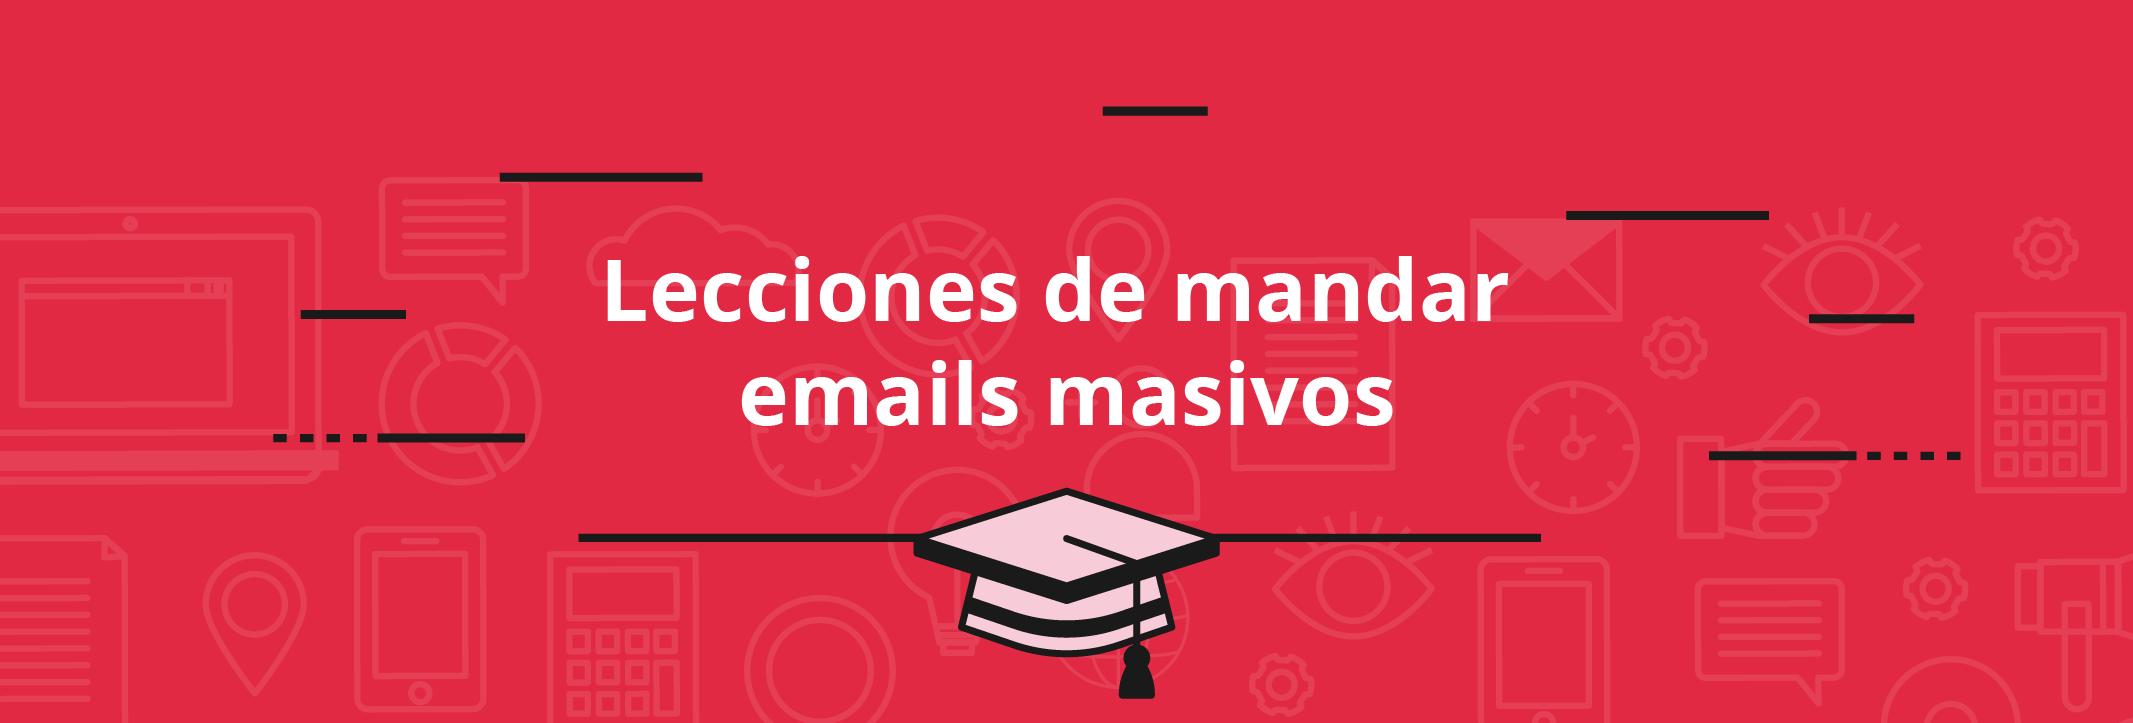 Mandar emails masivos